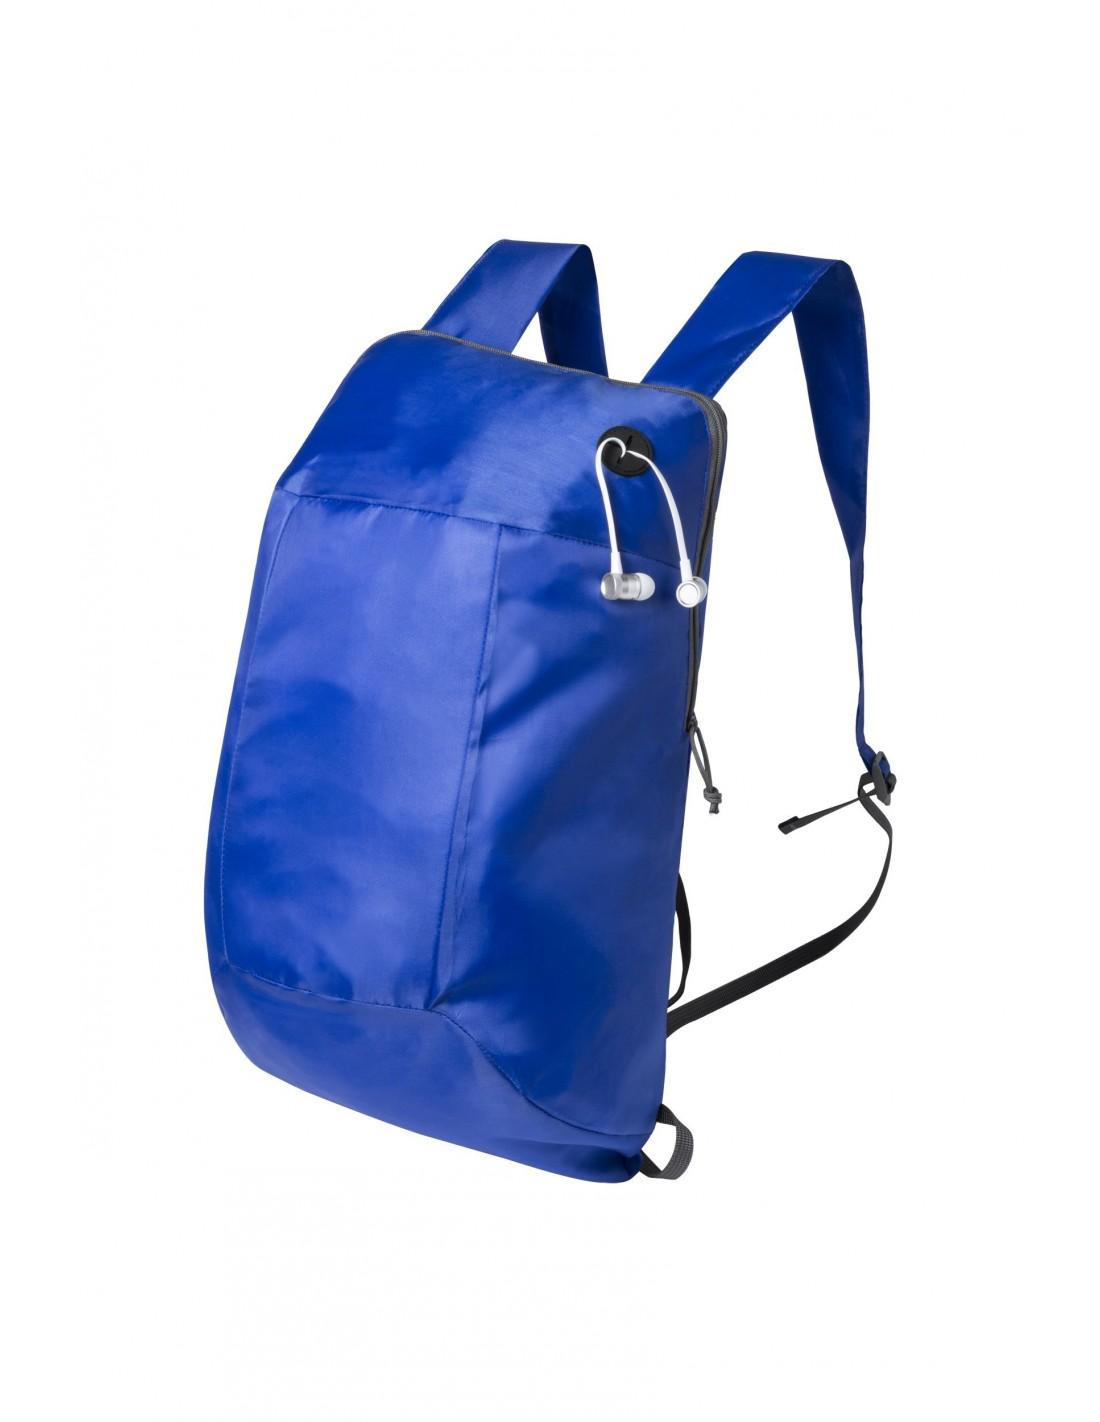 800df37139daa Plecak składany z własnym nadrukiem